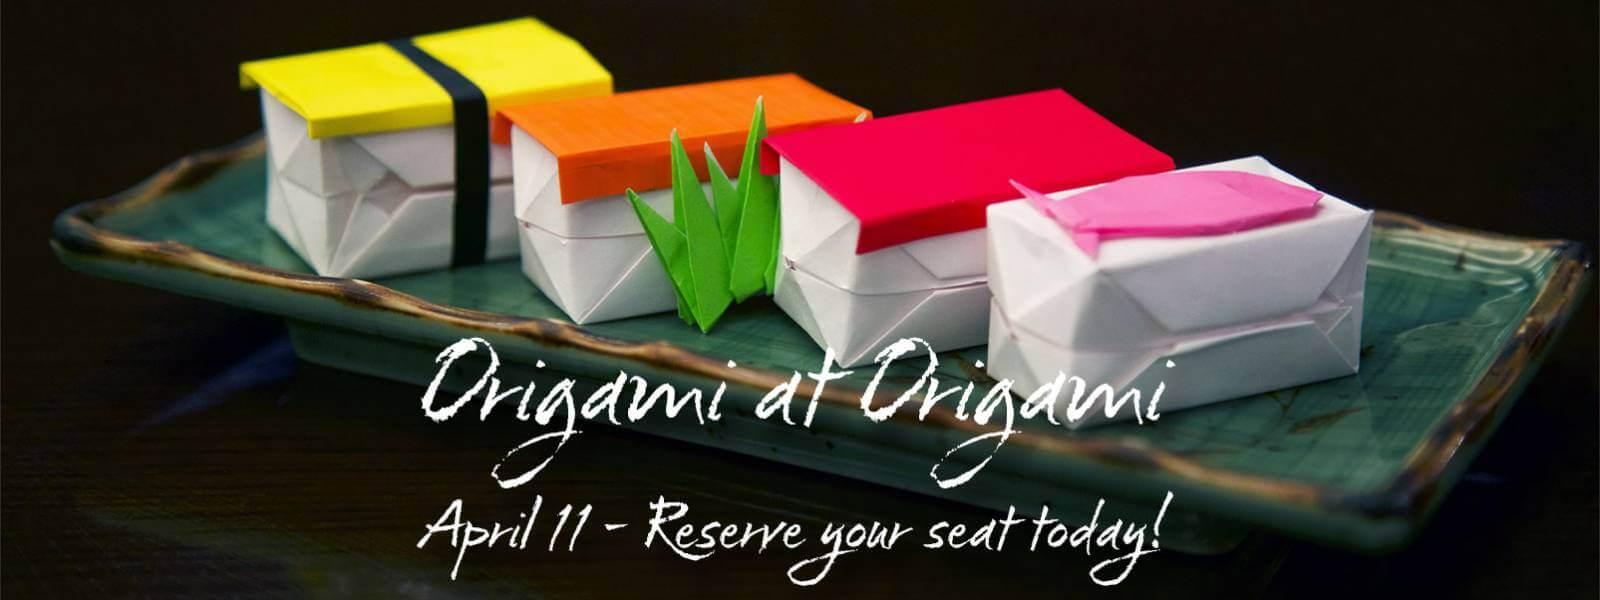 Origami at Origami April 11